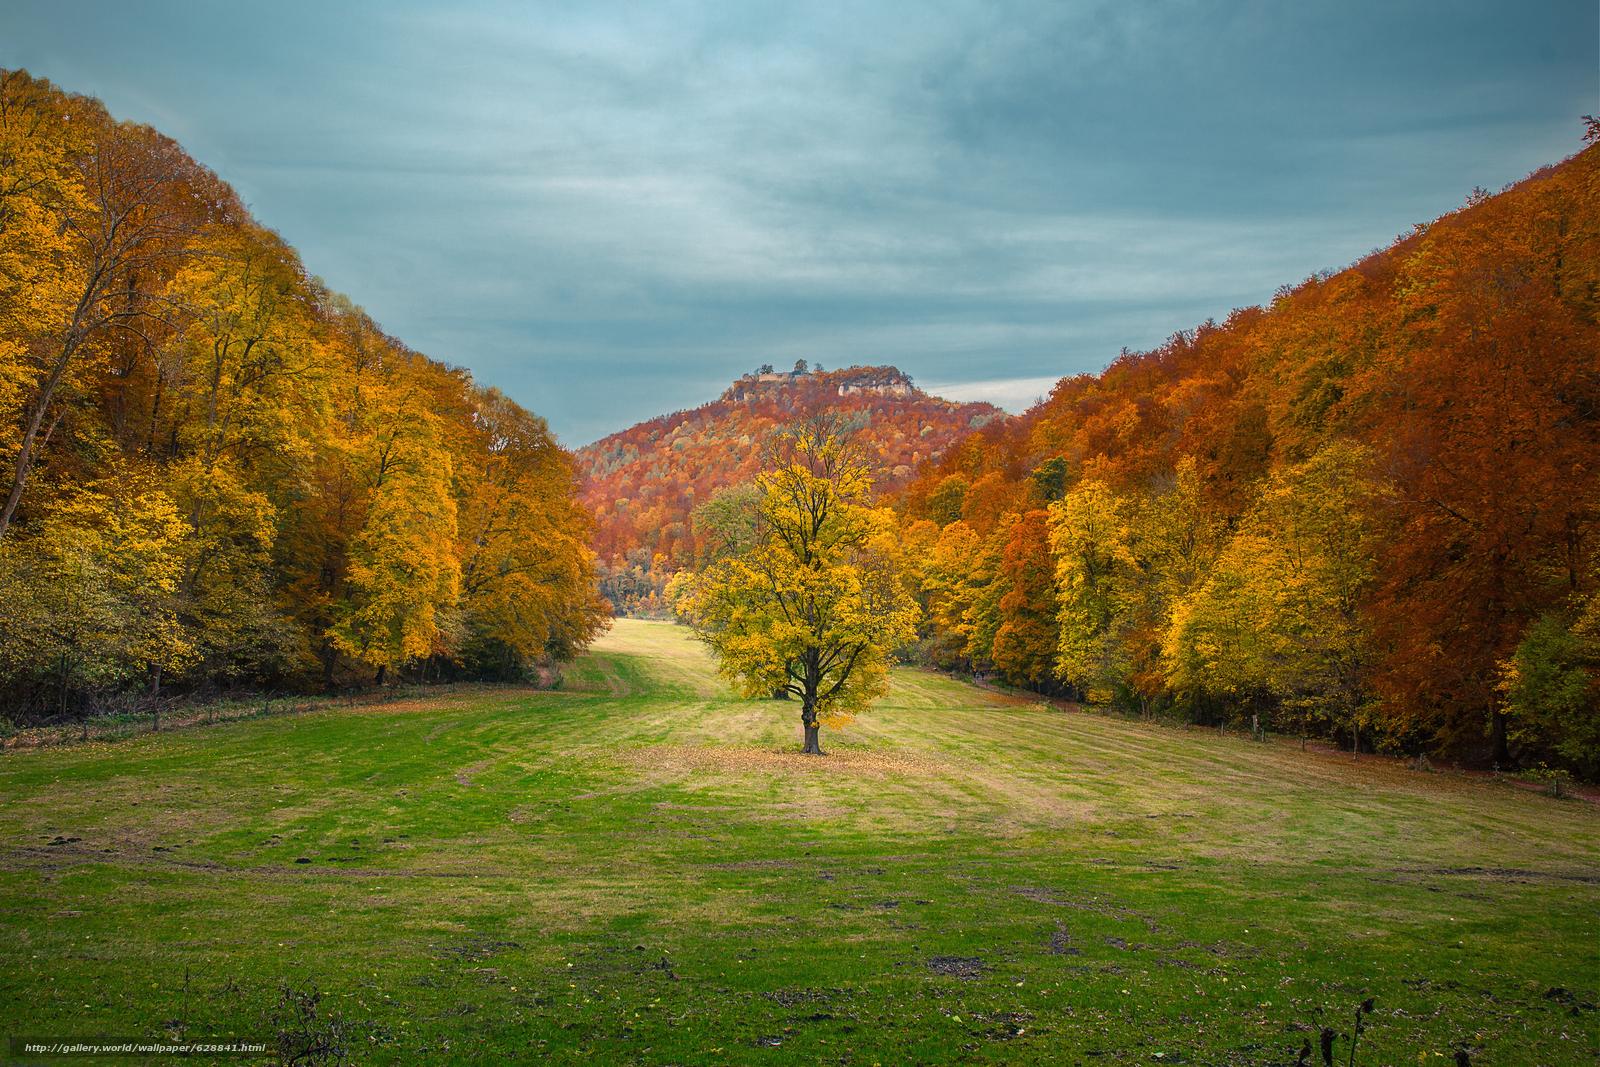 деревья, горы, поле, пейзаж, осень